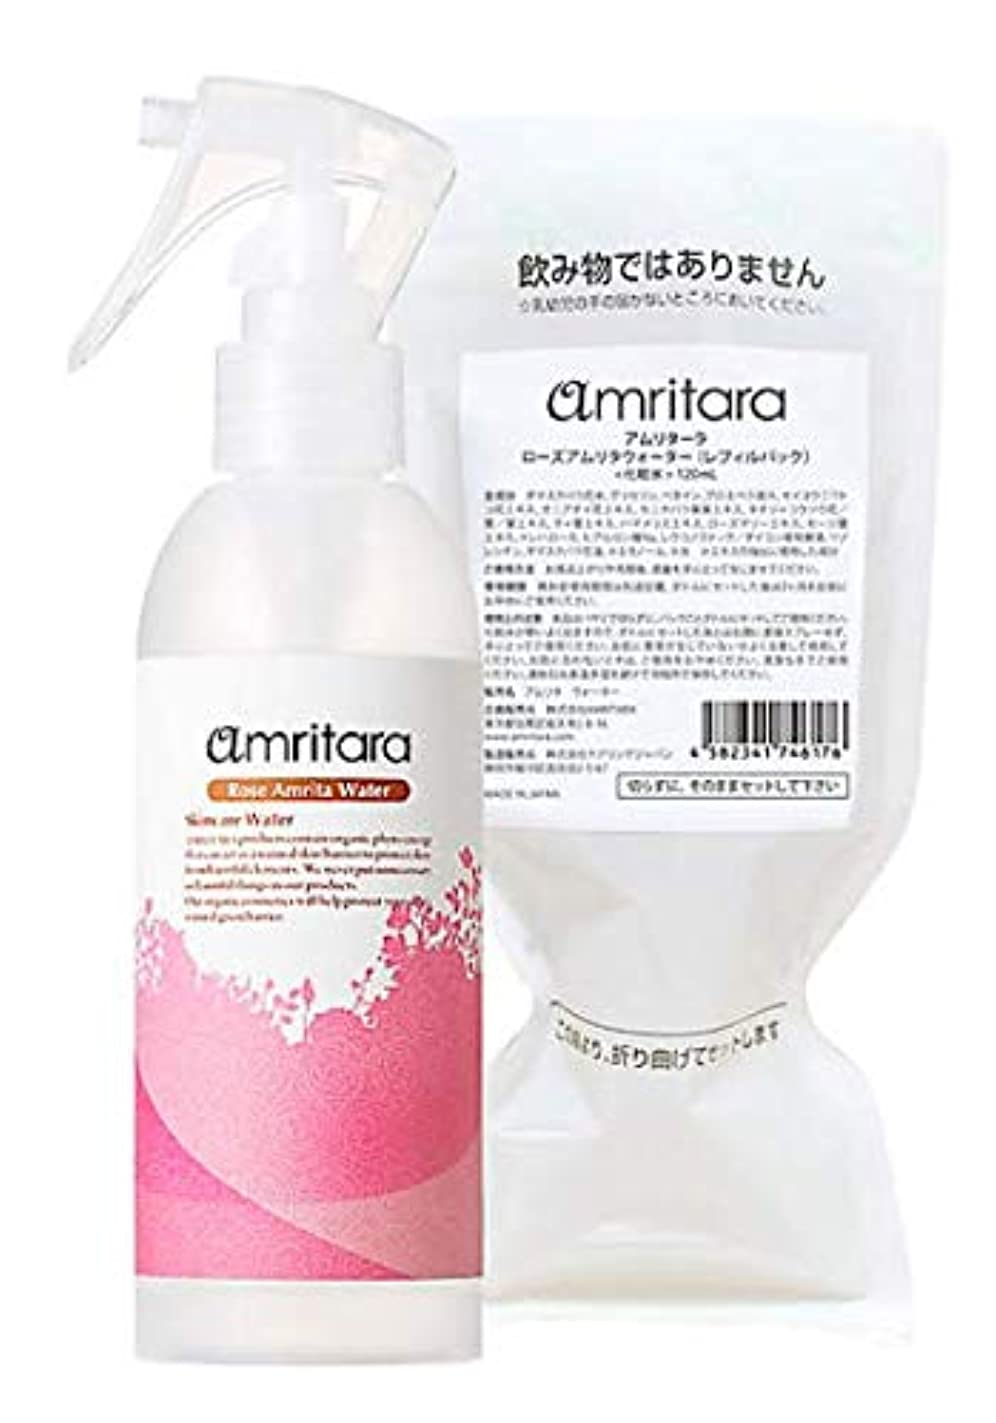 審判アーティキュレーション油amritara(アムリターラ) ローズアムリタウォーター セット 120mL(レフィルと空ボトルのセット)